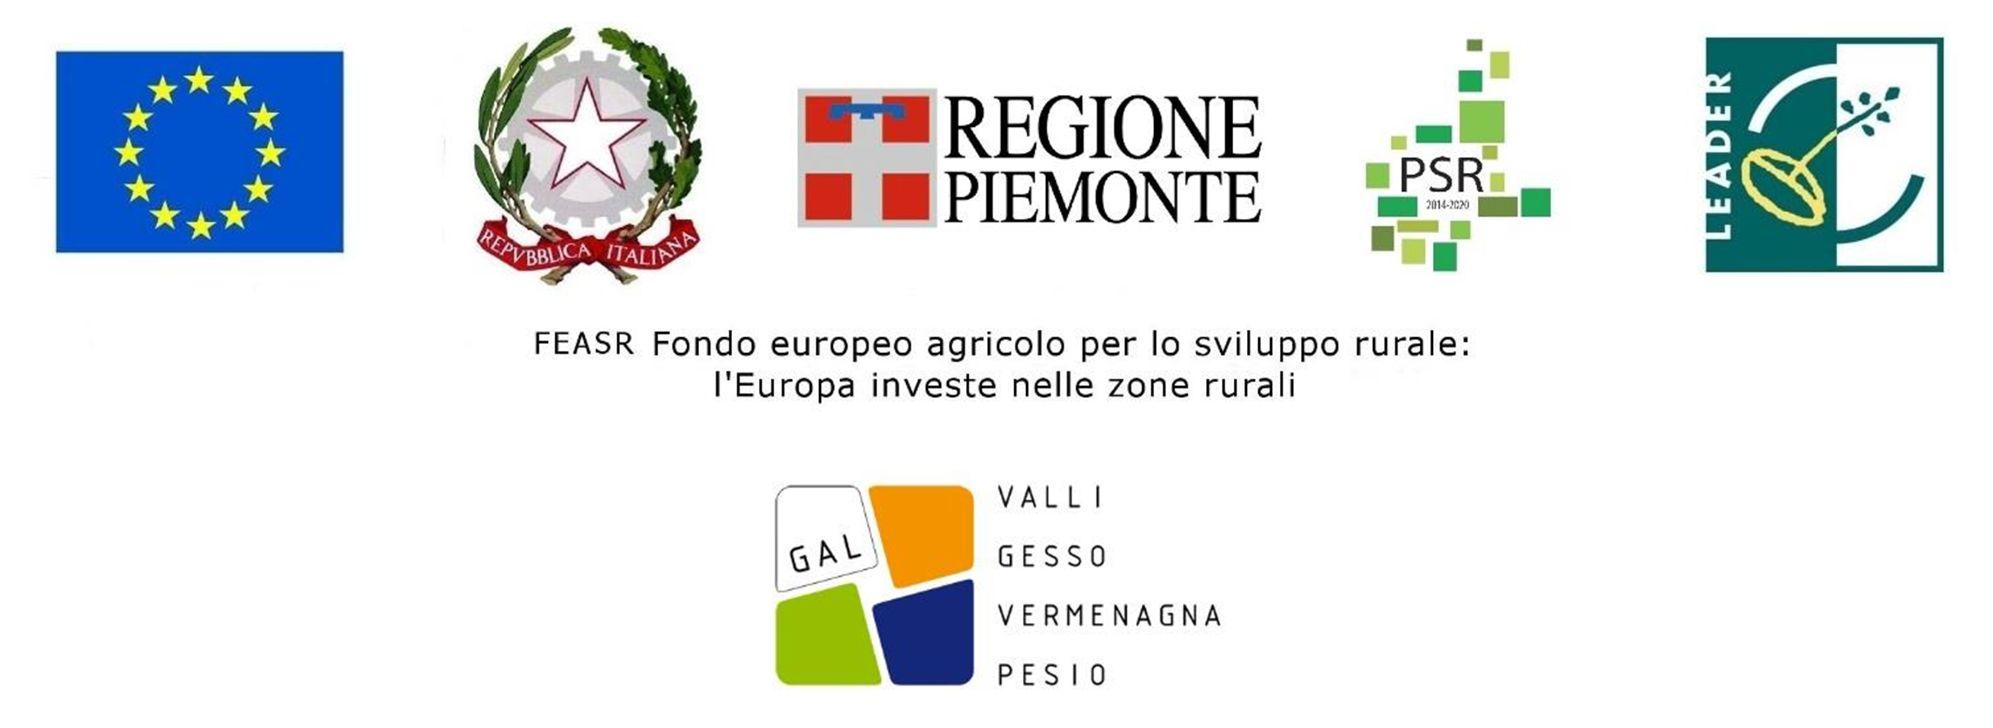 programma di sviluppo rurale 2014-2020